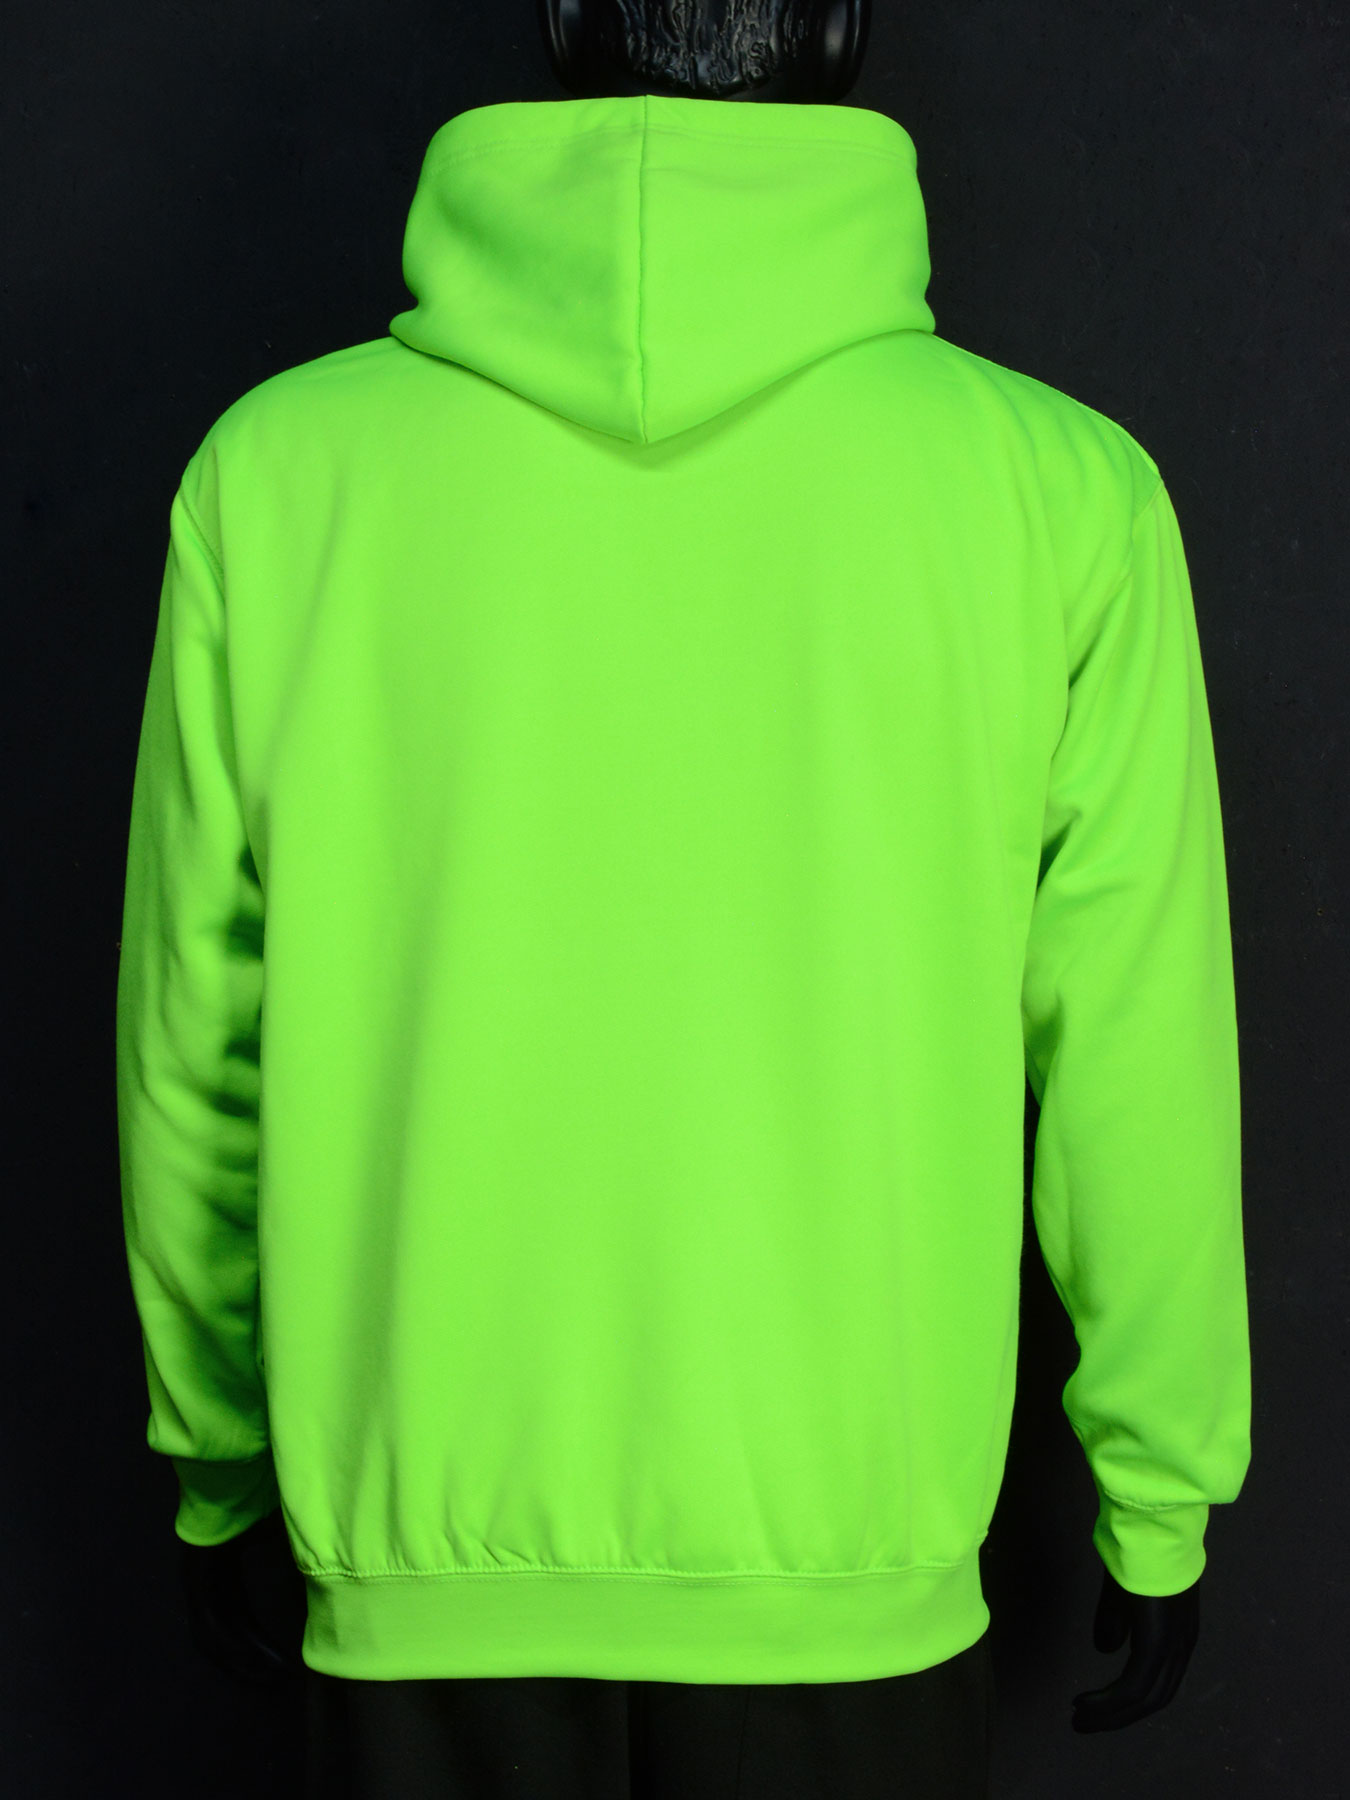 Schwarzlicht Pullover mit Kapuze Hoodie Neon Grün